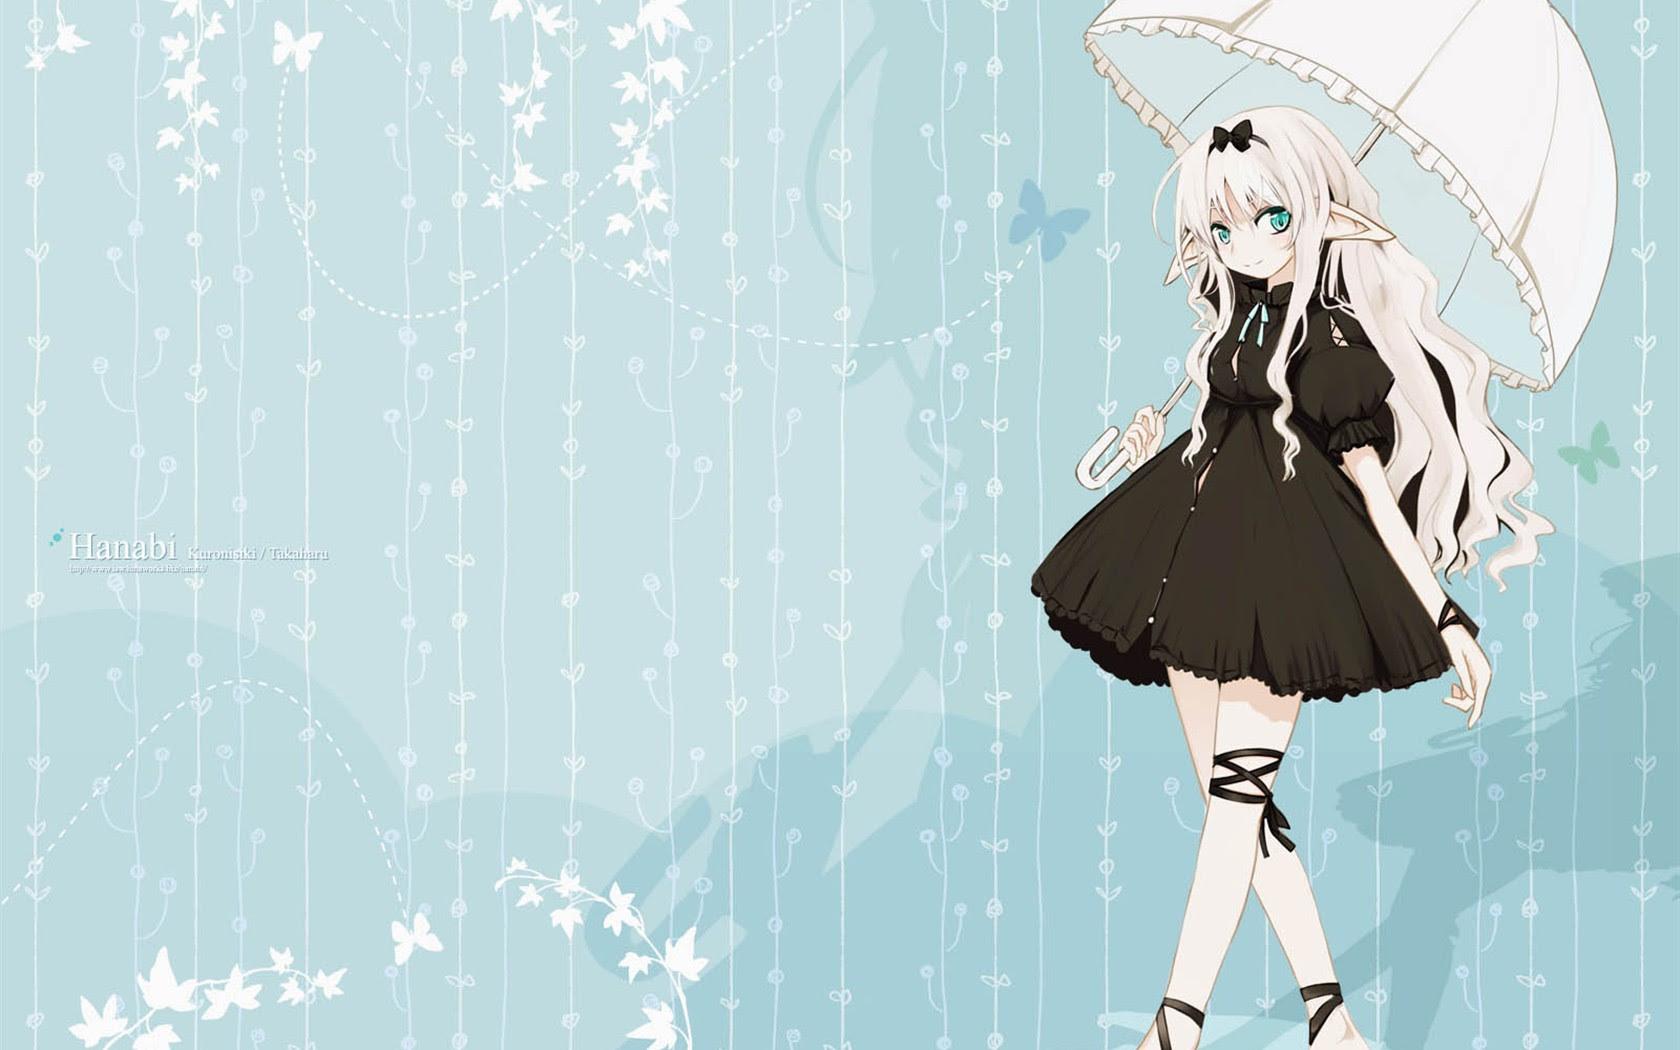 美しいアニメ壁紙 32 1680x1050 壁紙ダウンロード 美しいアニメ